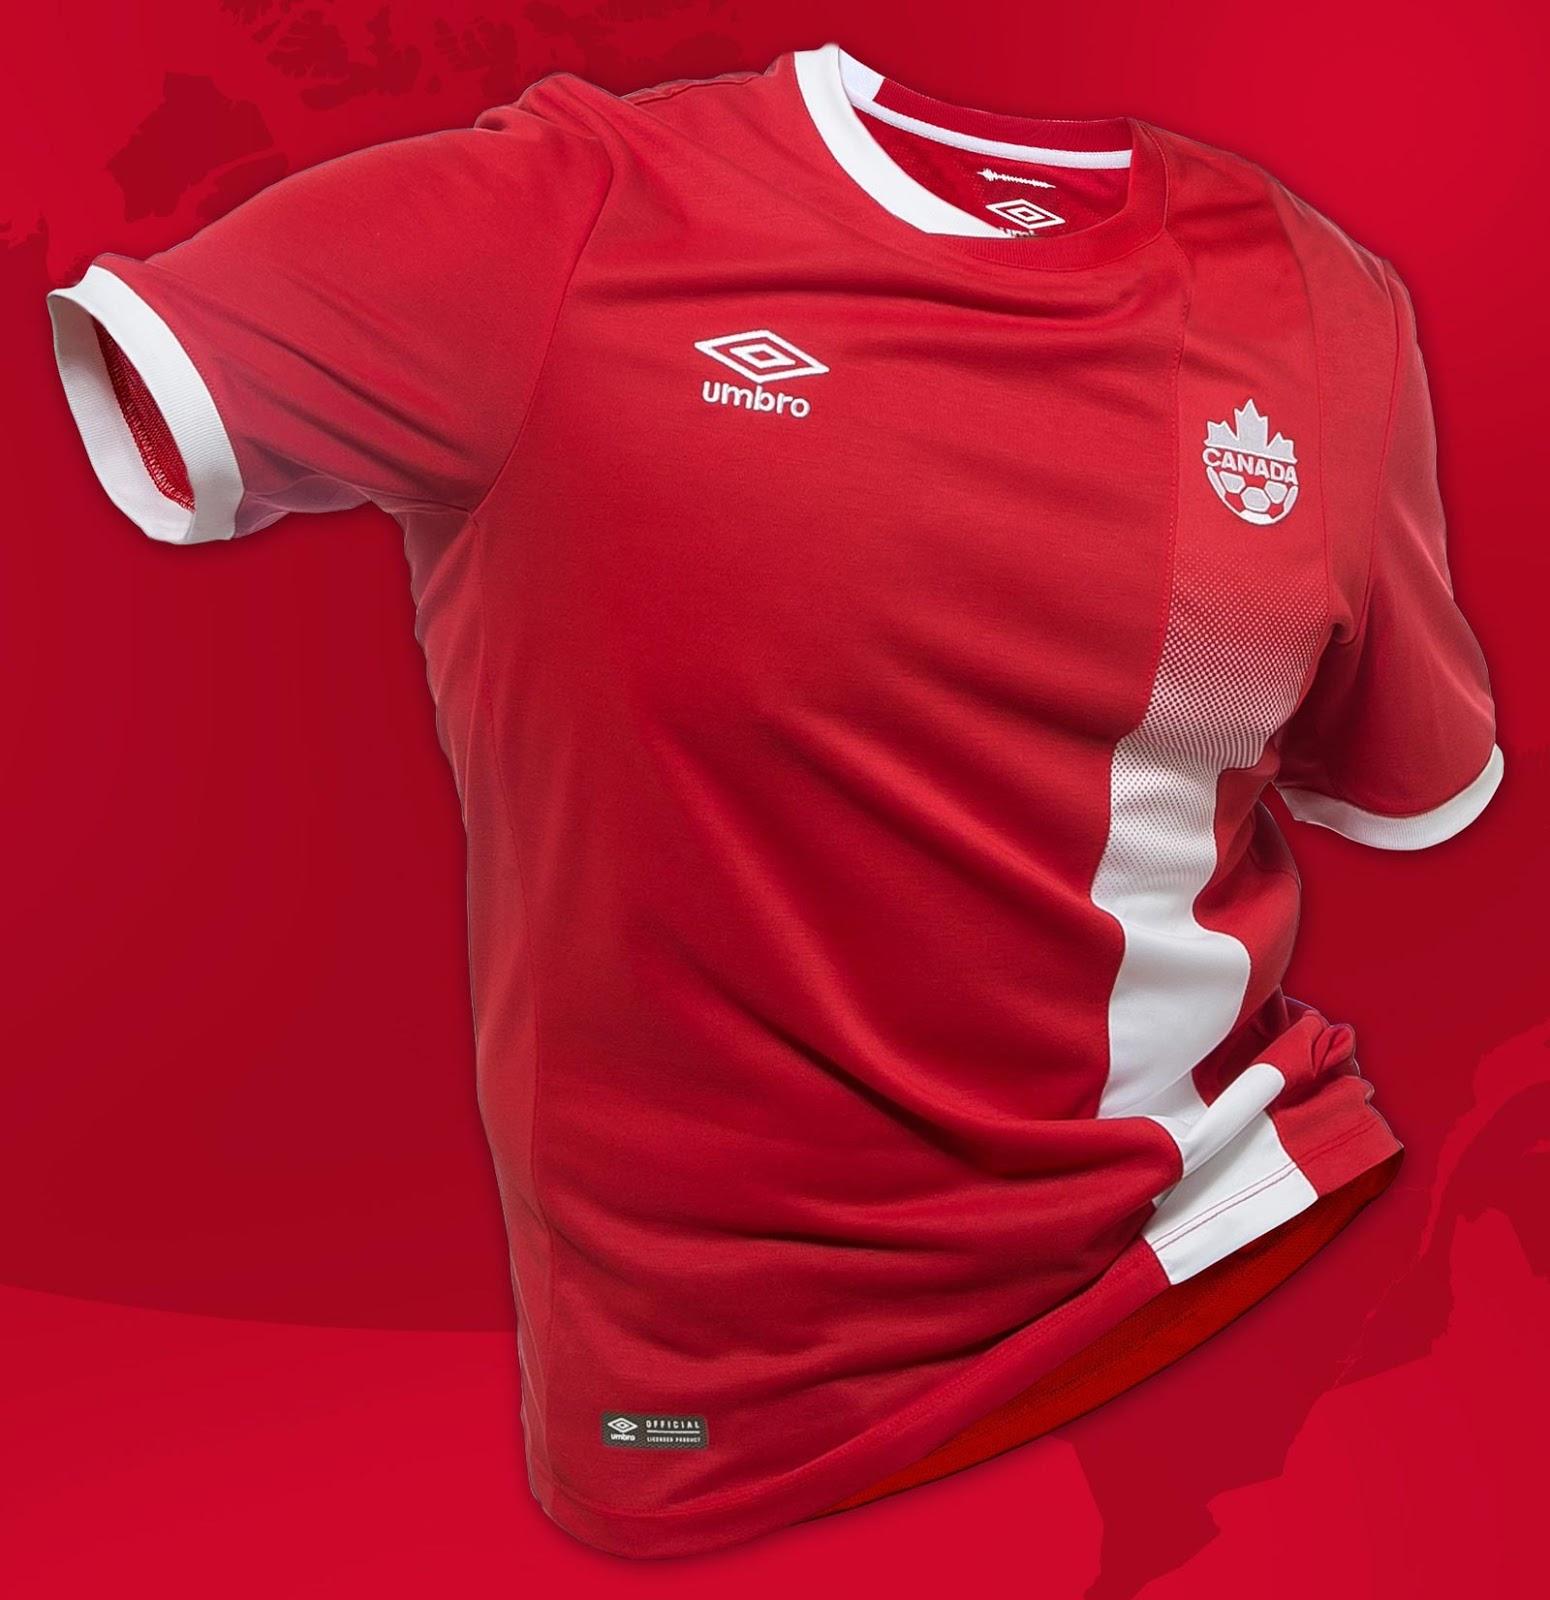 Canada 2016 Olympics Kit Revealed Footy Headlines